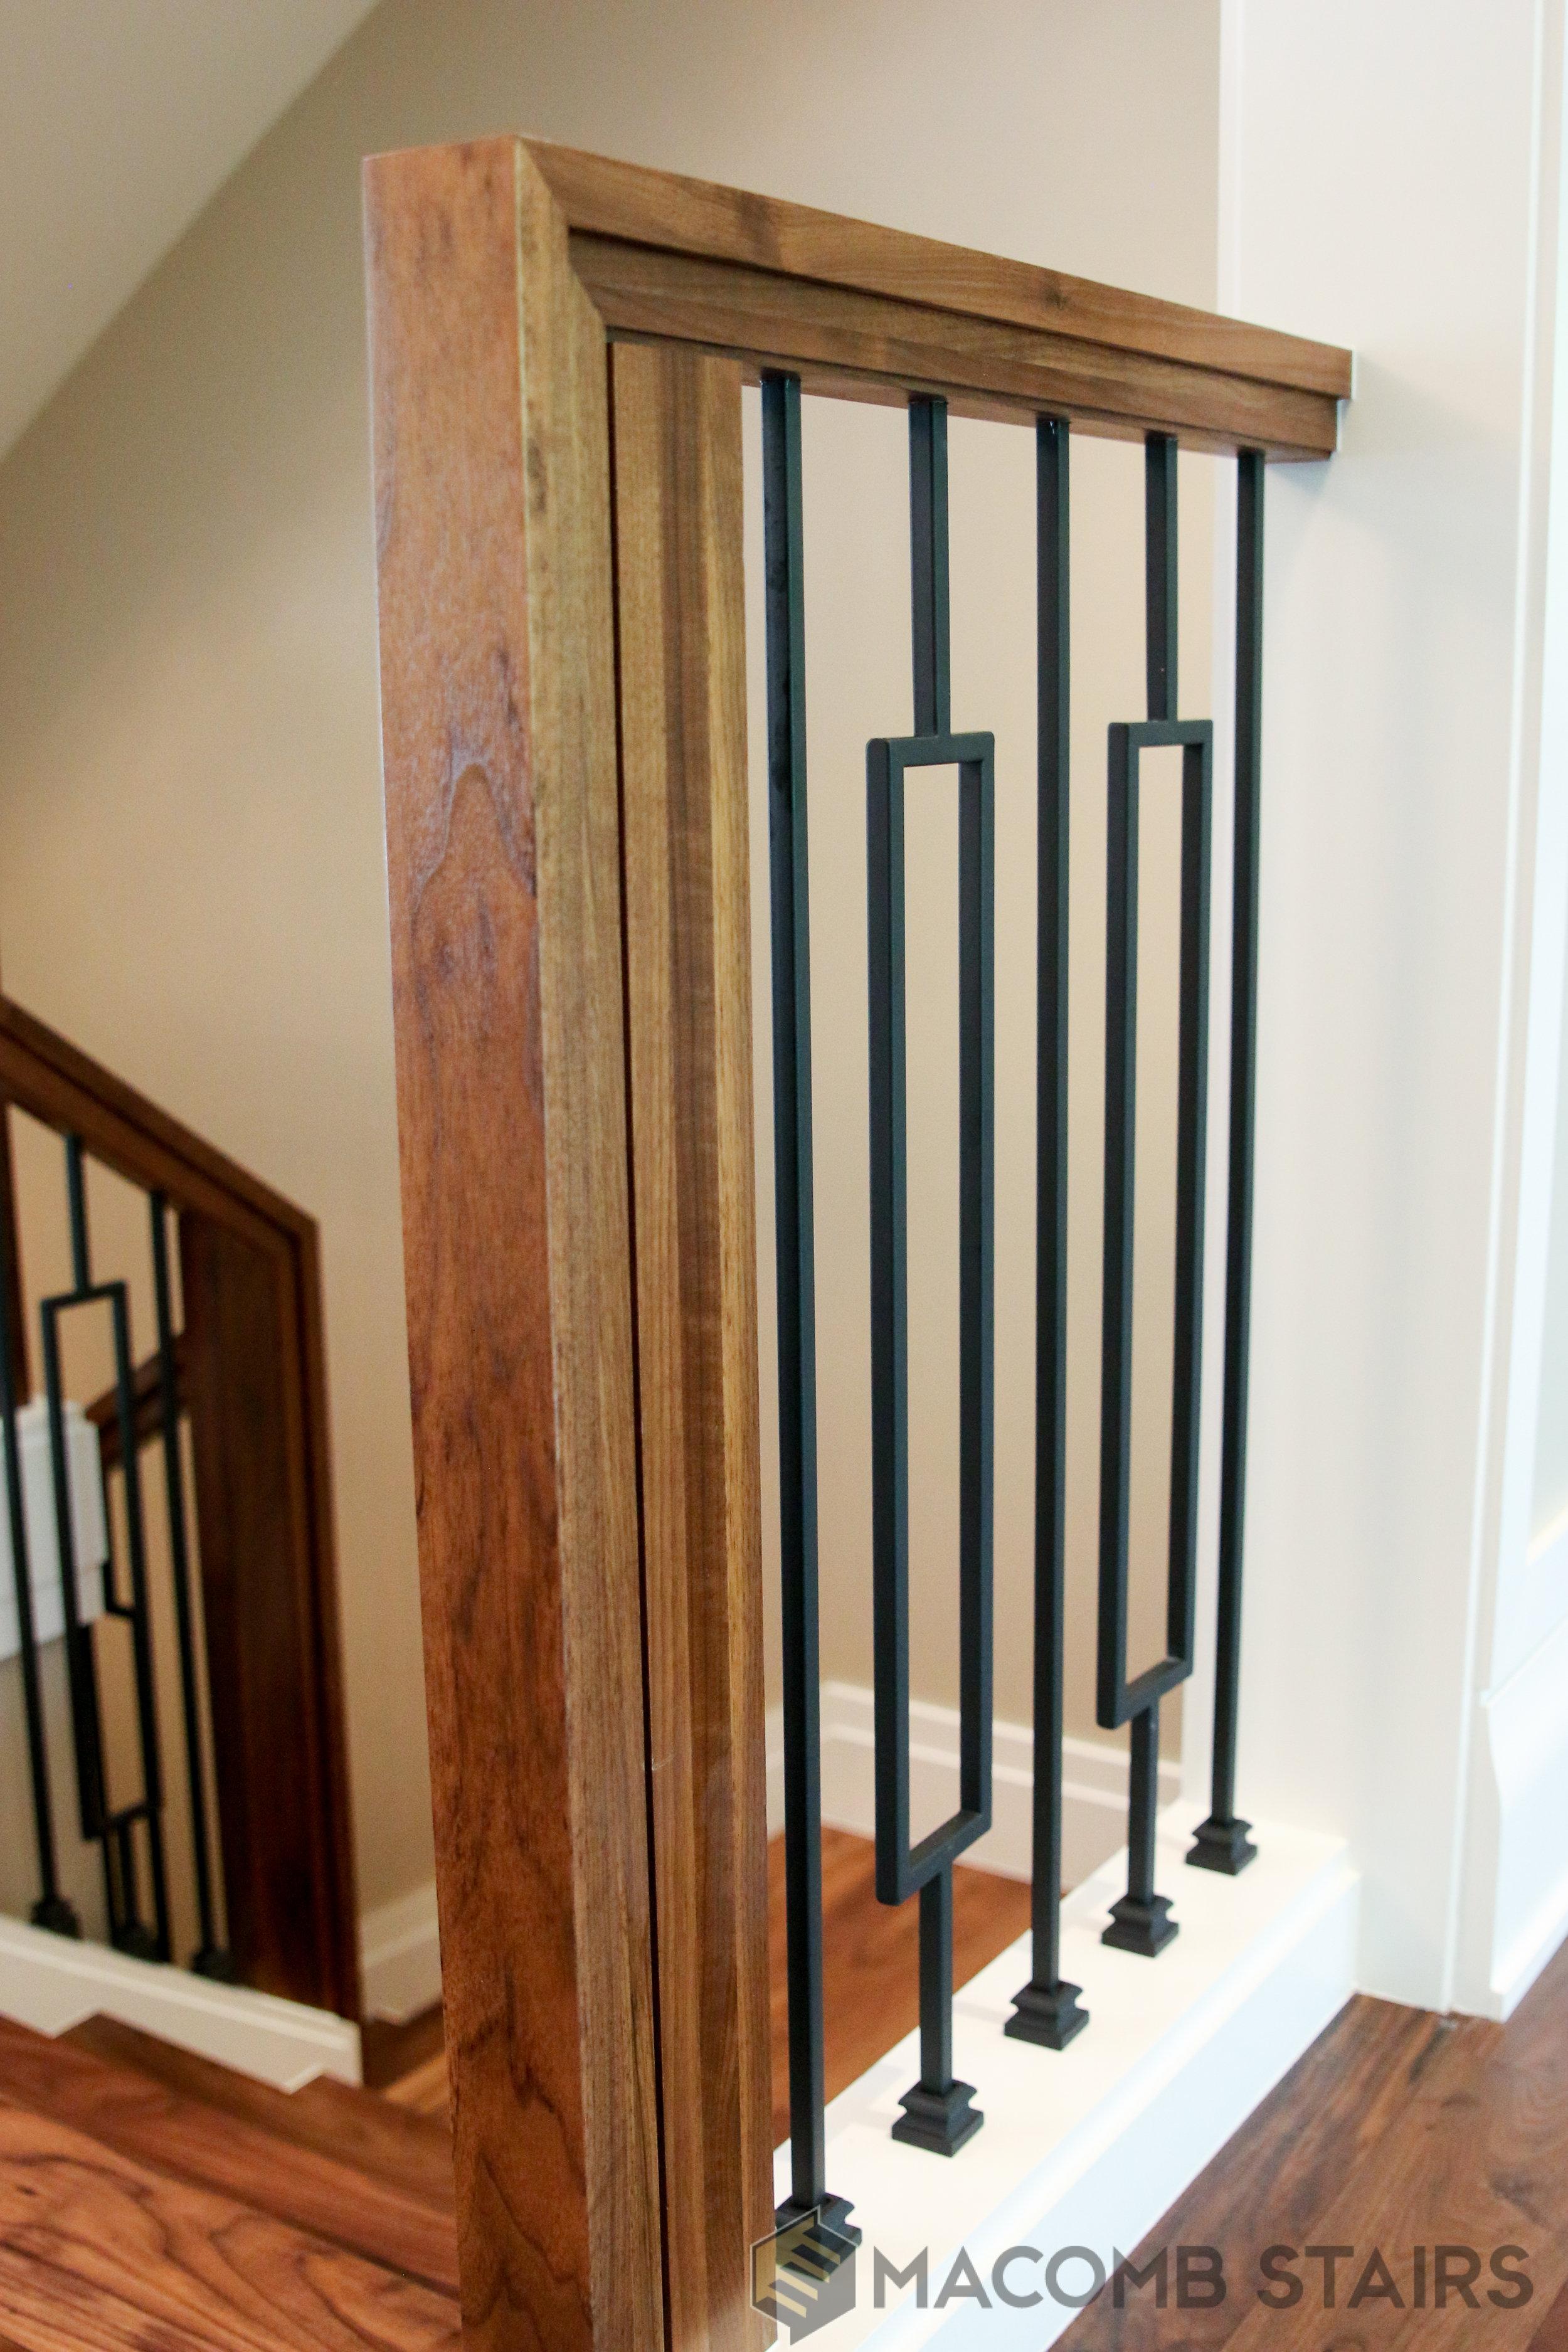 Macimb Stairs- Stair Photo-7.jpg